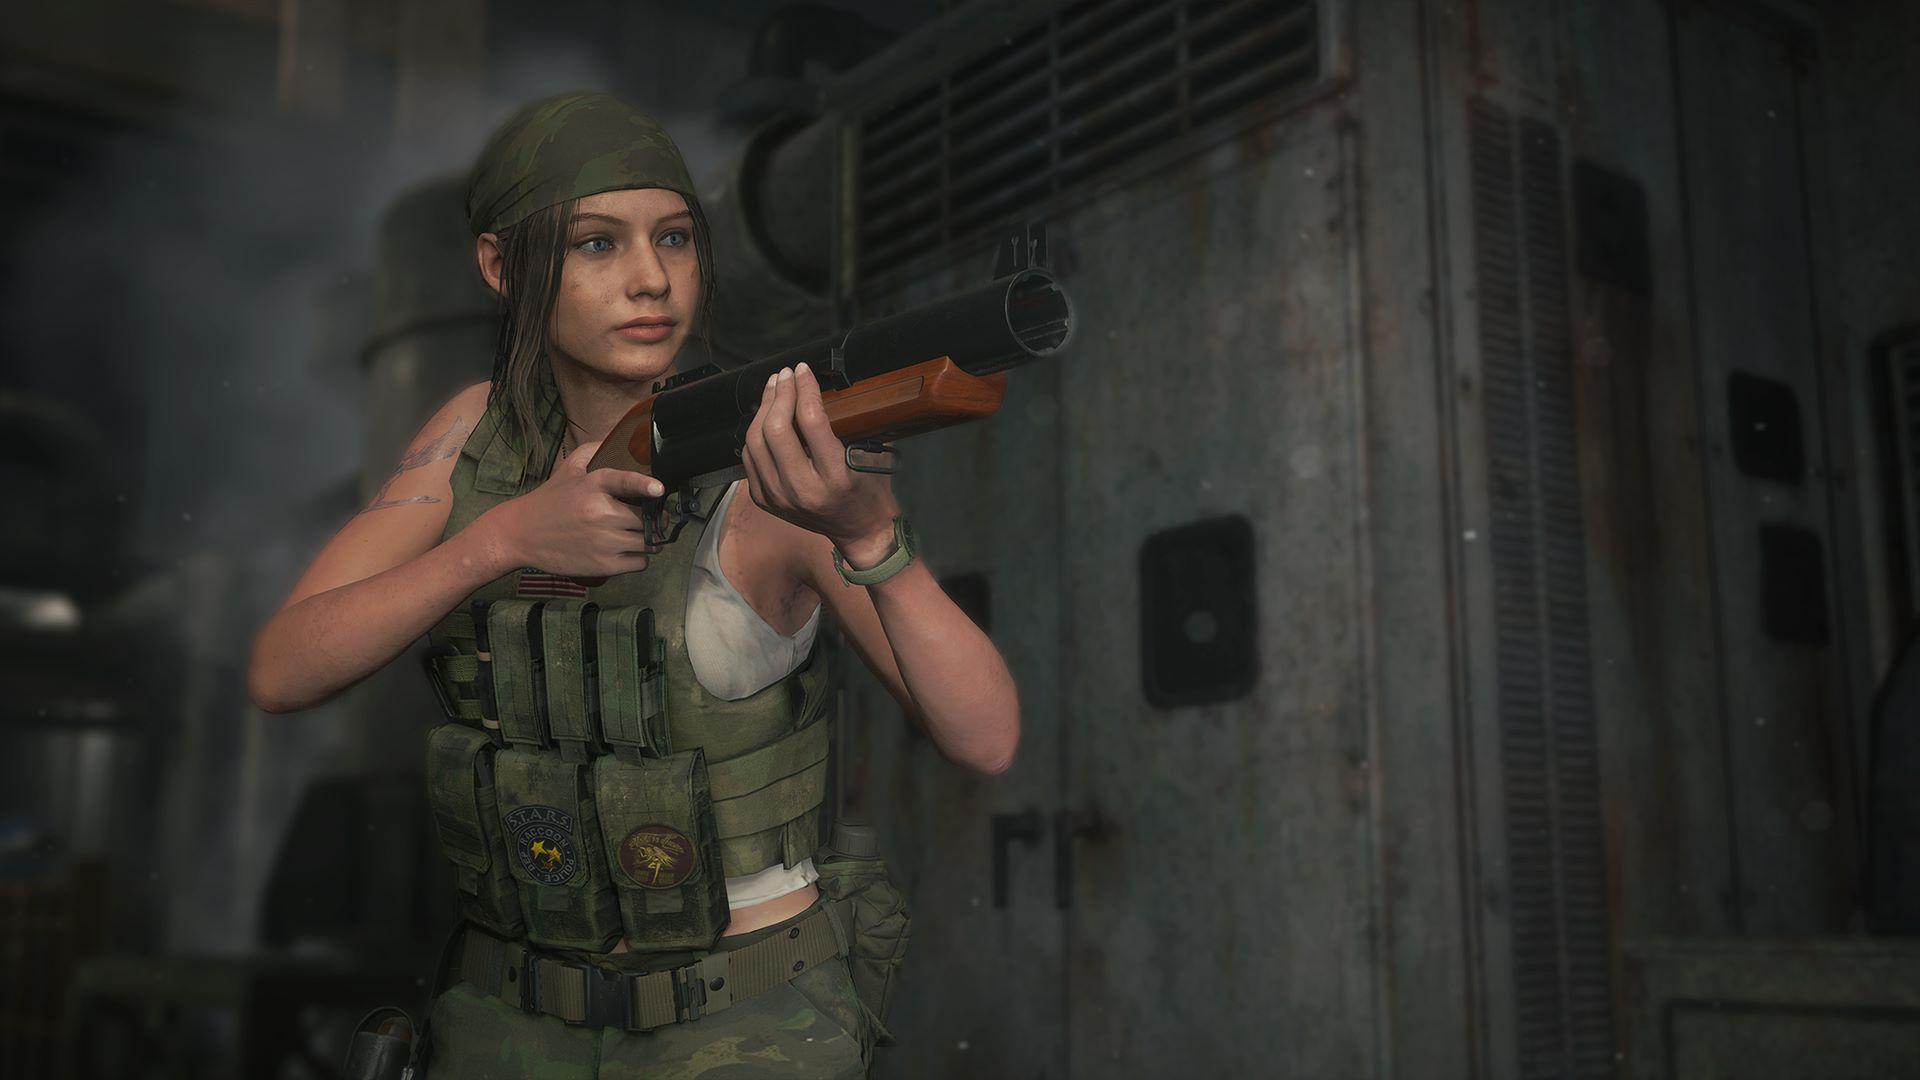 วันเดโม่และรายละเอียดอื่นๆของ Resident Evil 2 Remake